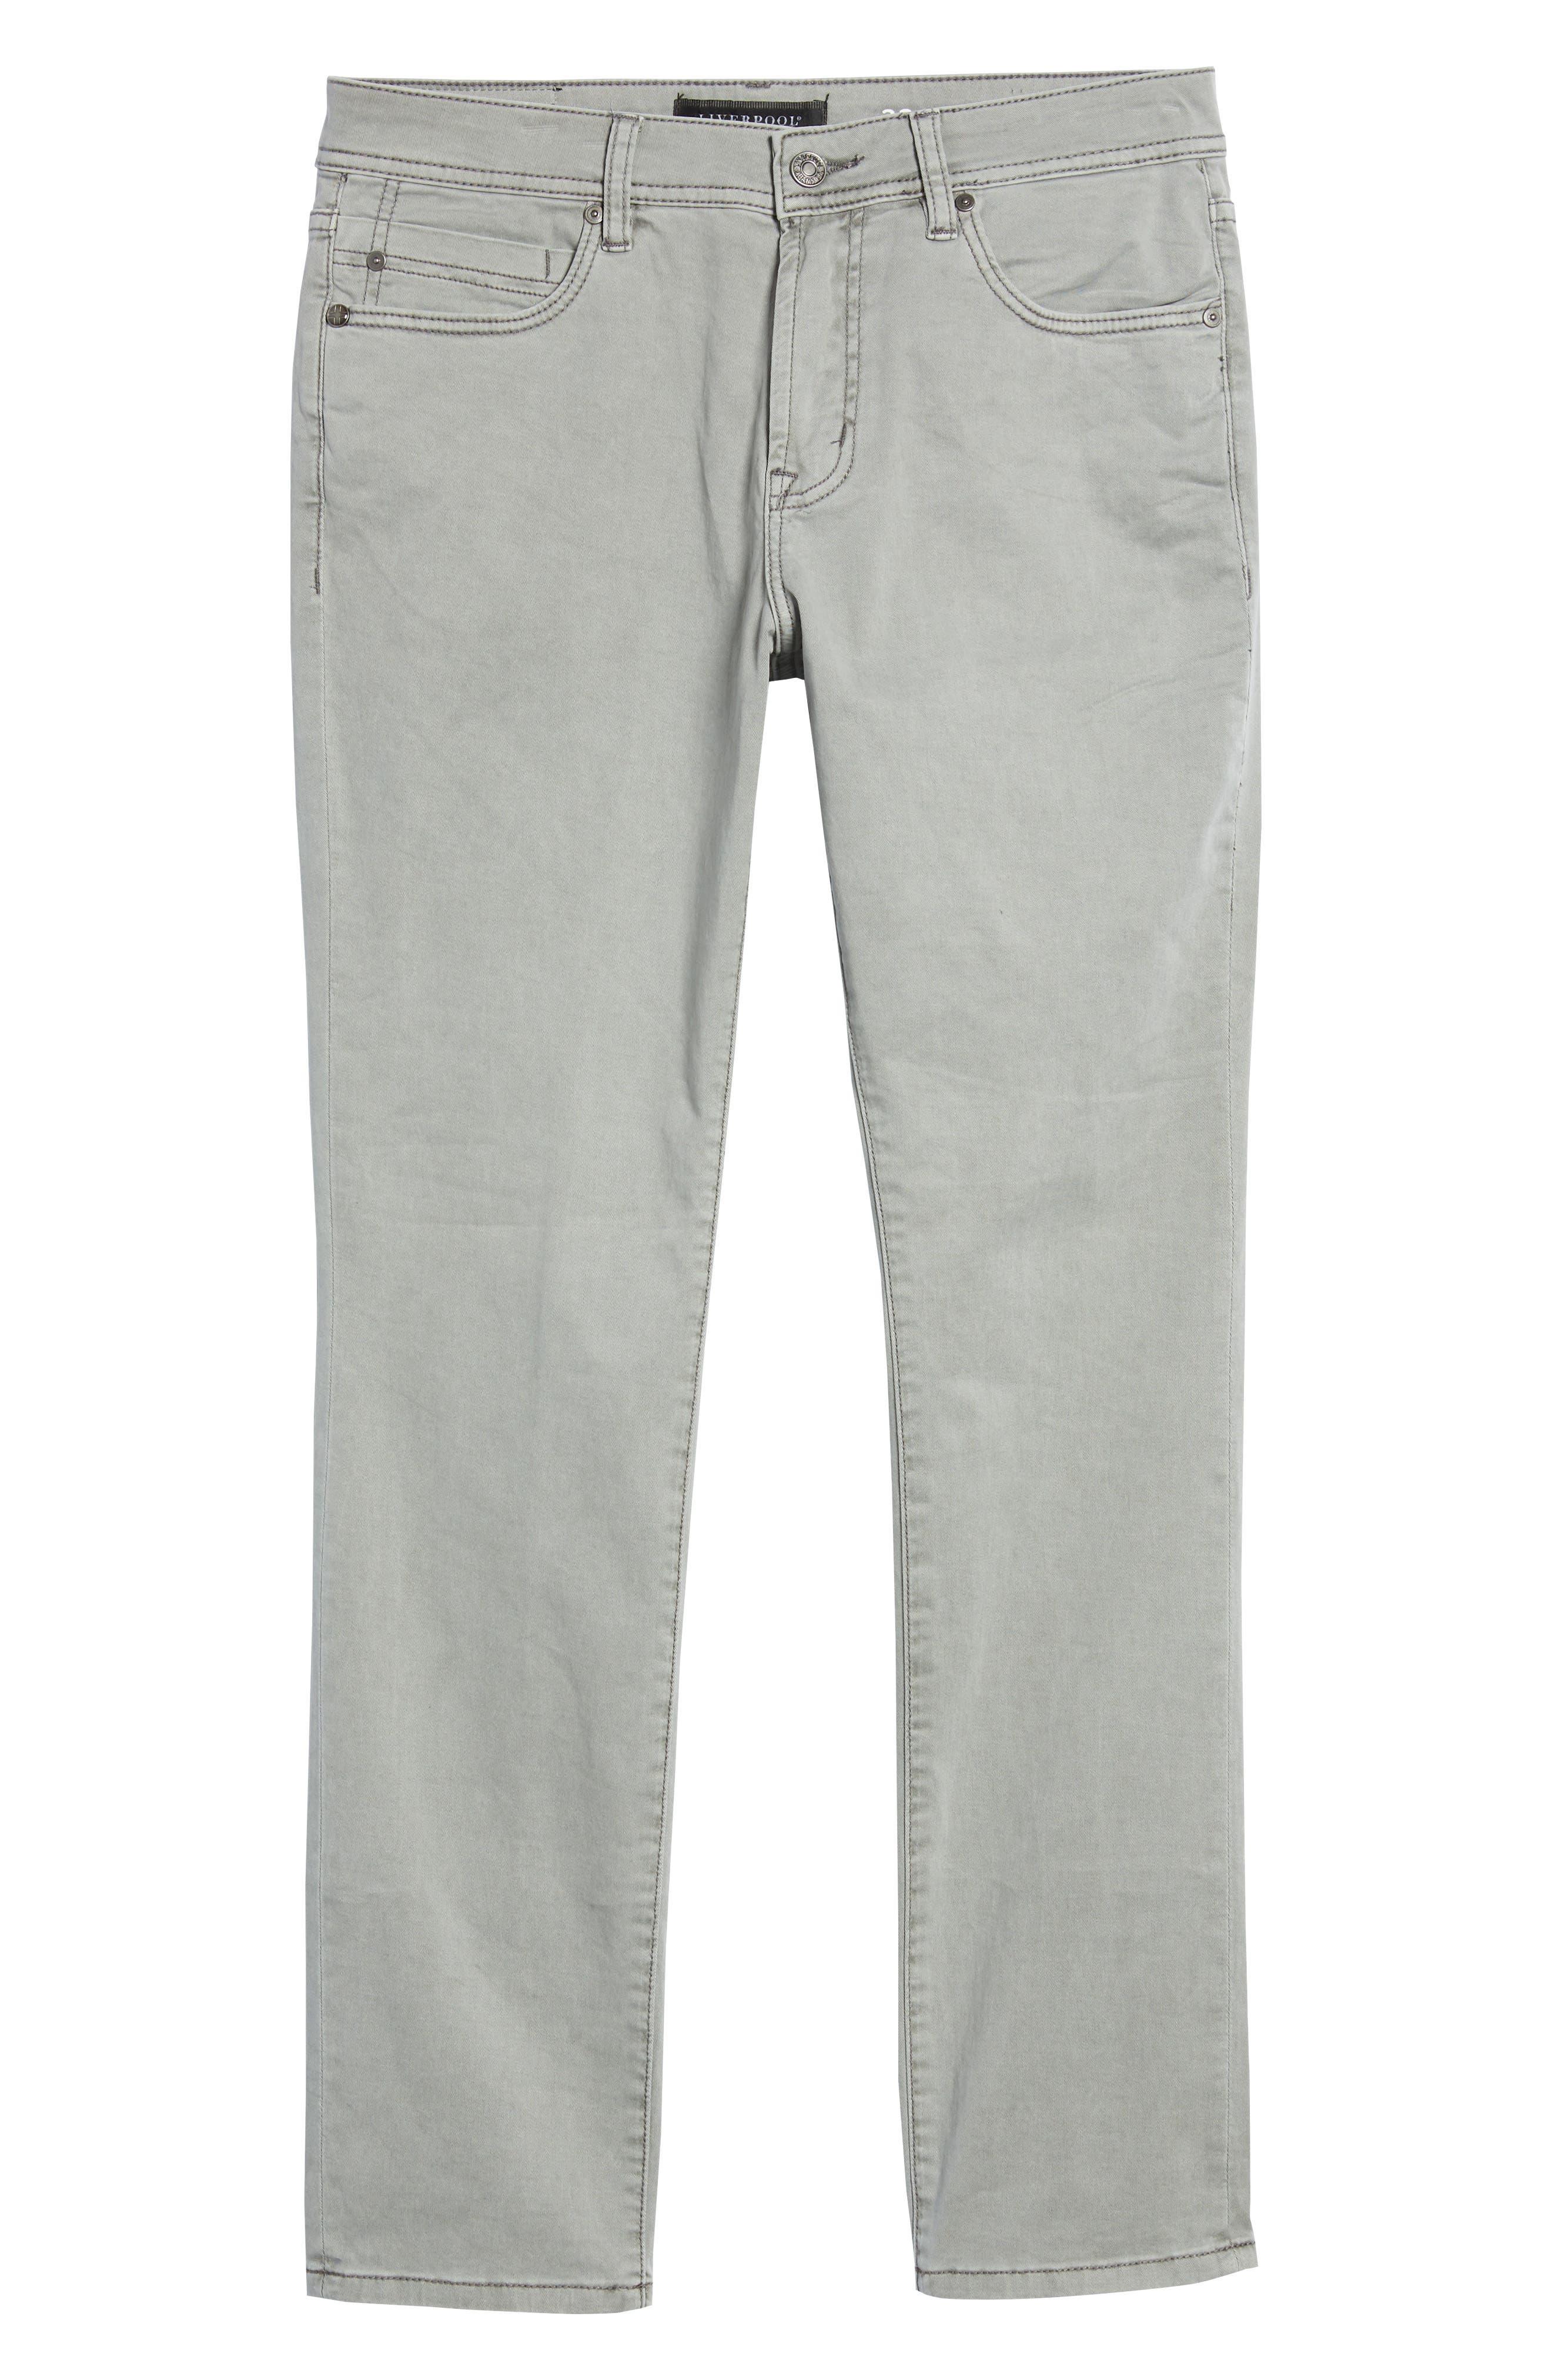 Jeans Co. Slim Straight Leg Jeans,                             Alternate thumbnail 6, color,                             SHARKSKIN